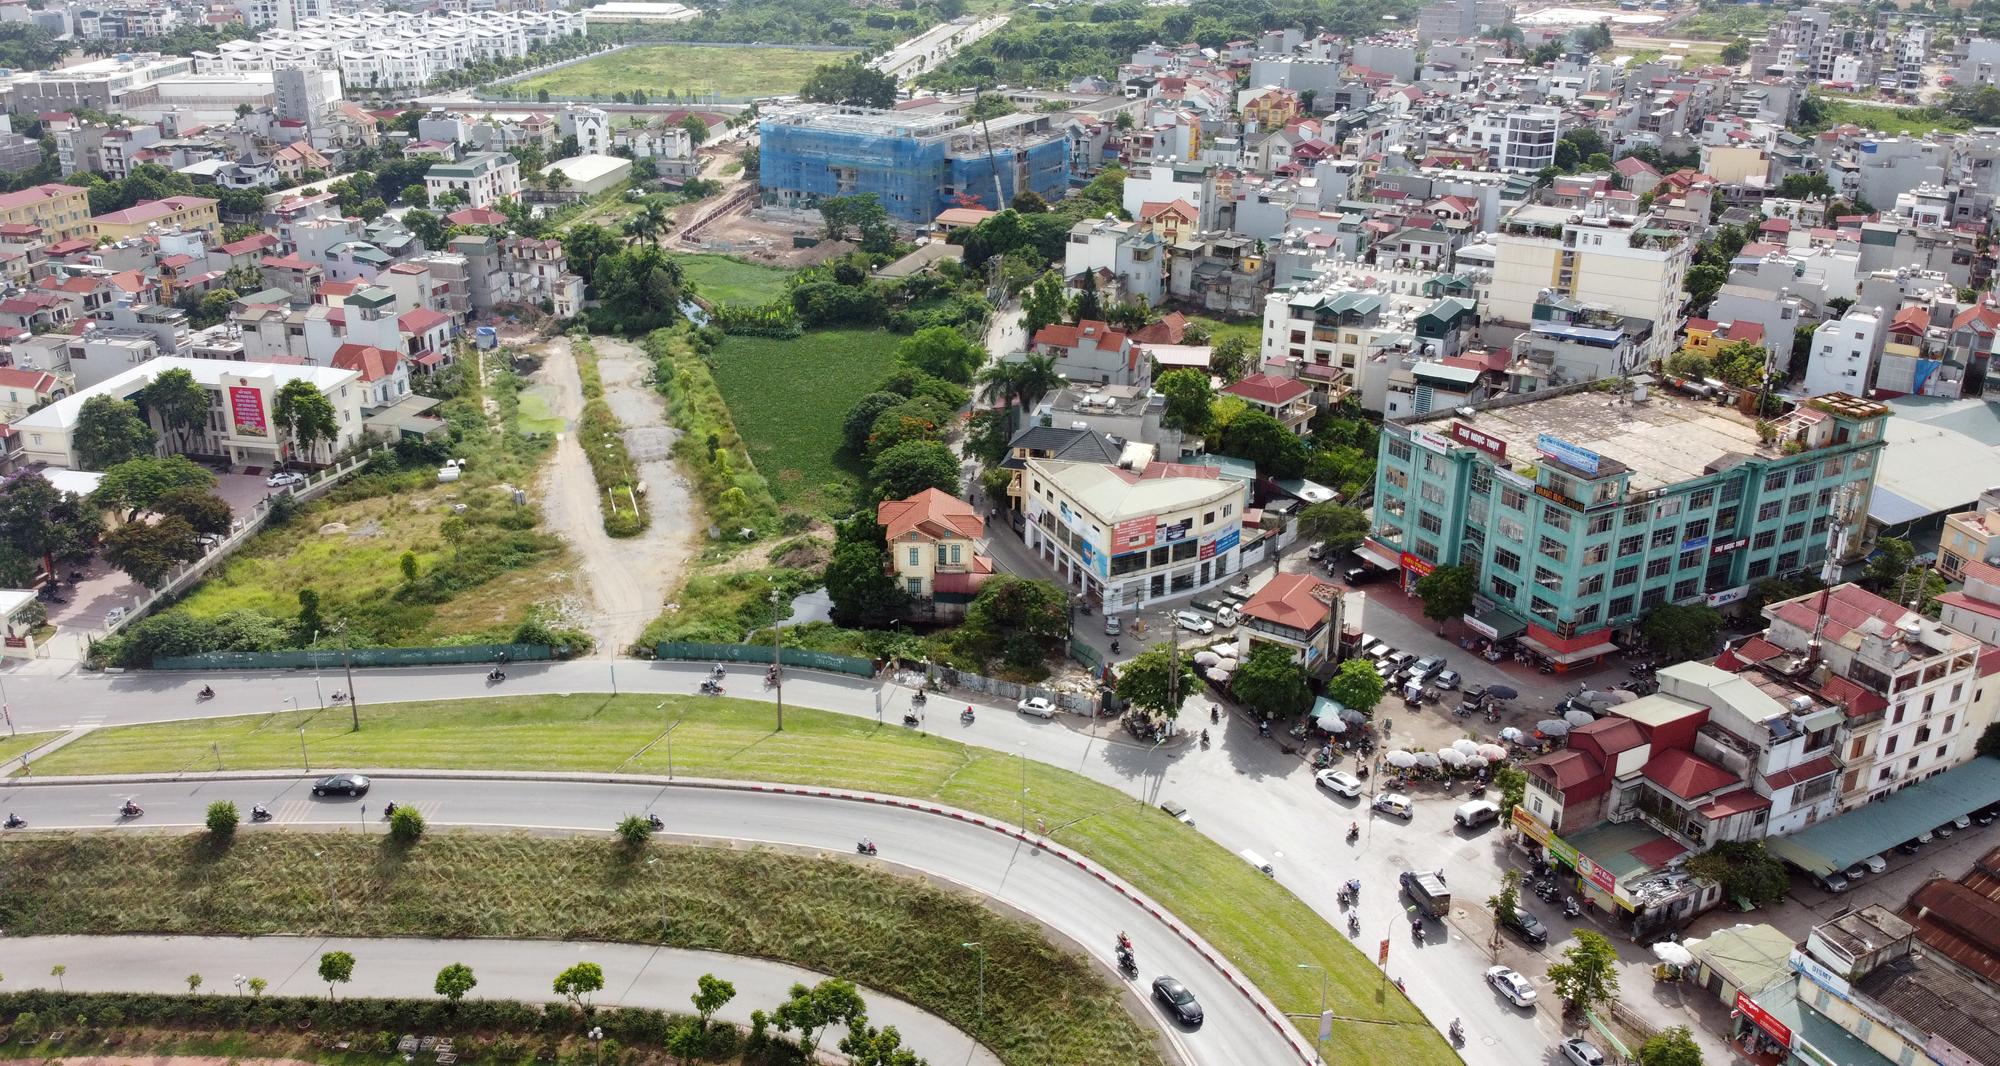 đường sẽ mở theo qui hoạch ở phường Ngọc Thụy, Long Biên, Hà Nội - Ảnh 5.